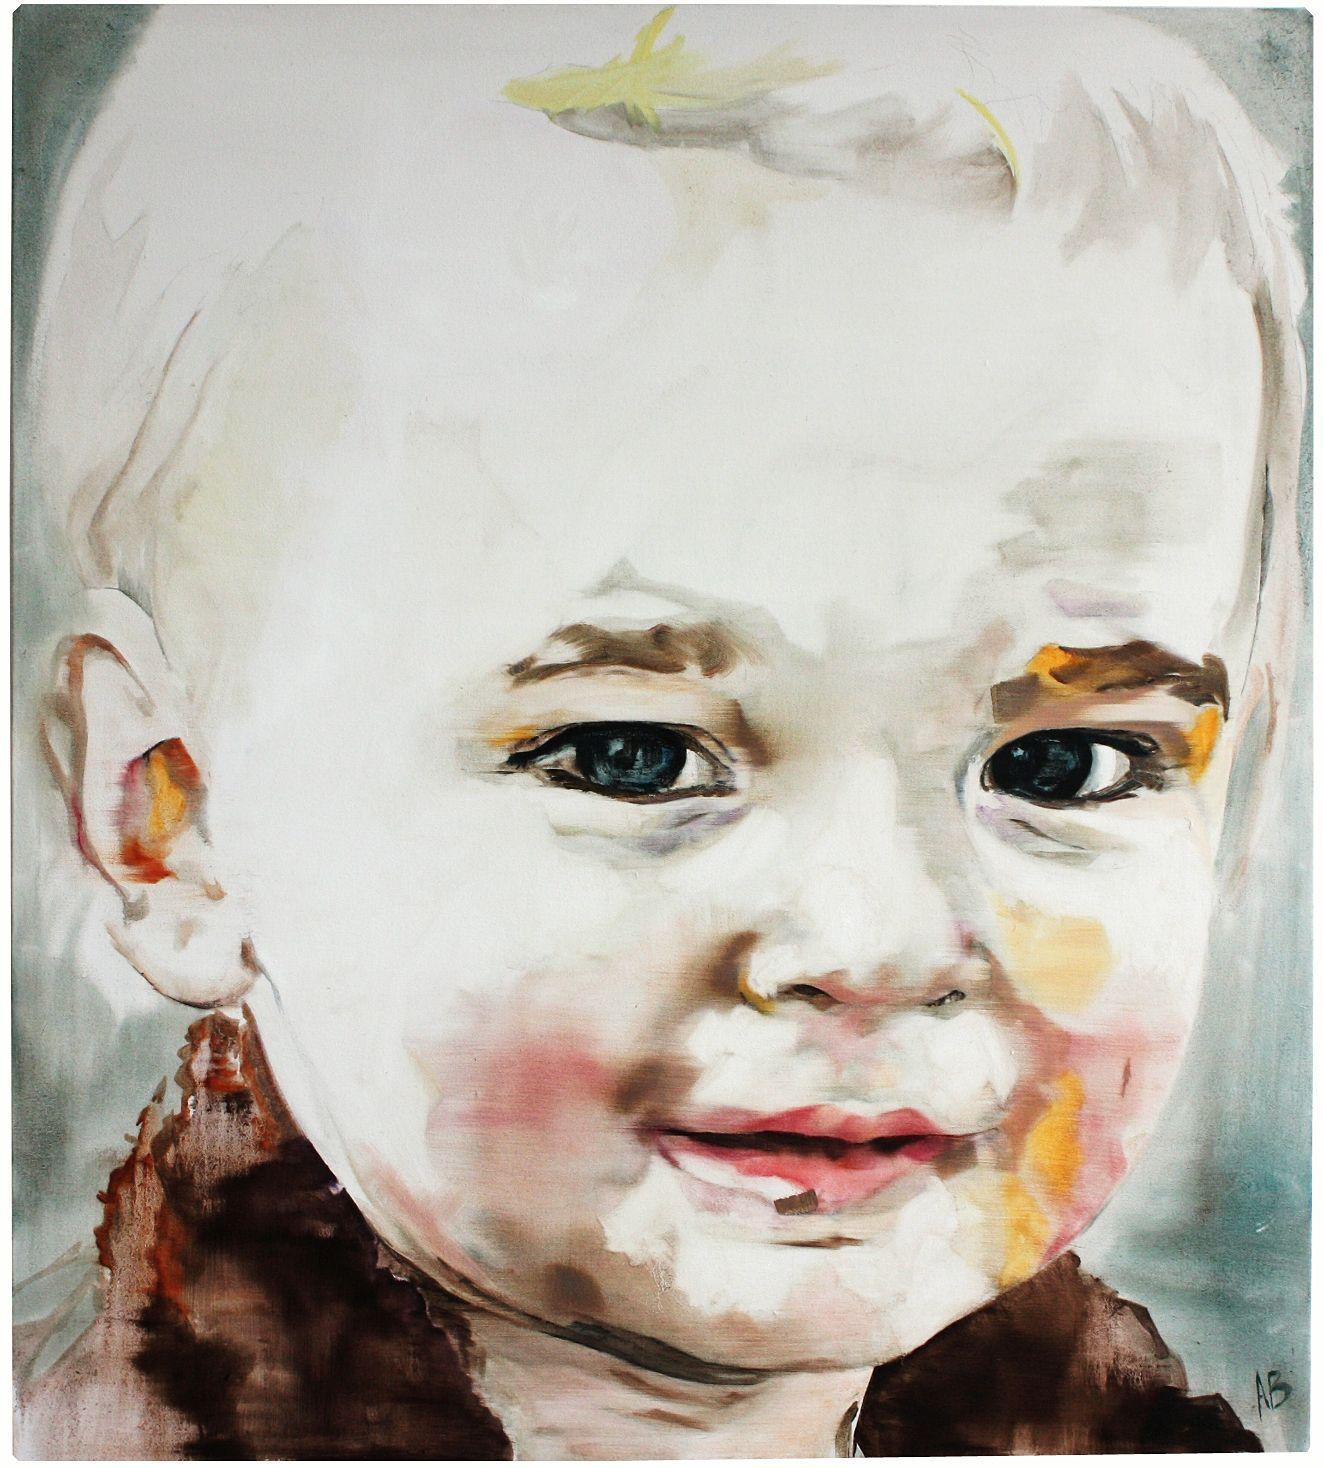 Portrait by Abigail Box